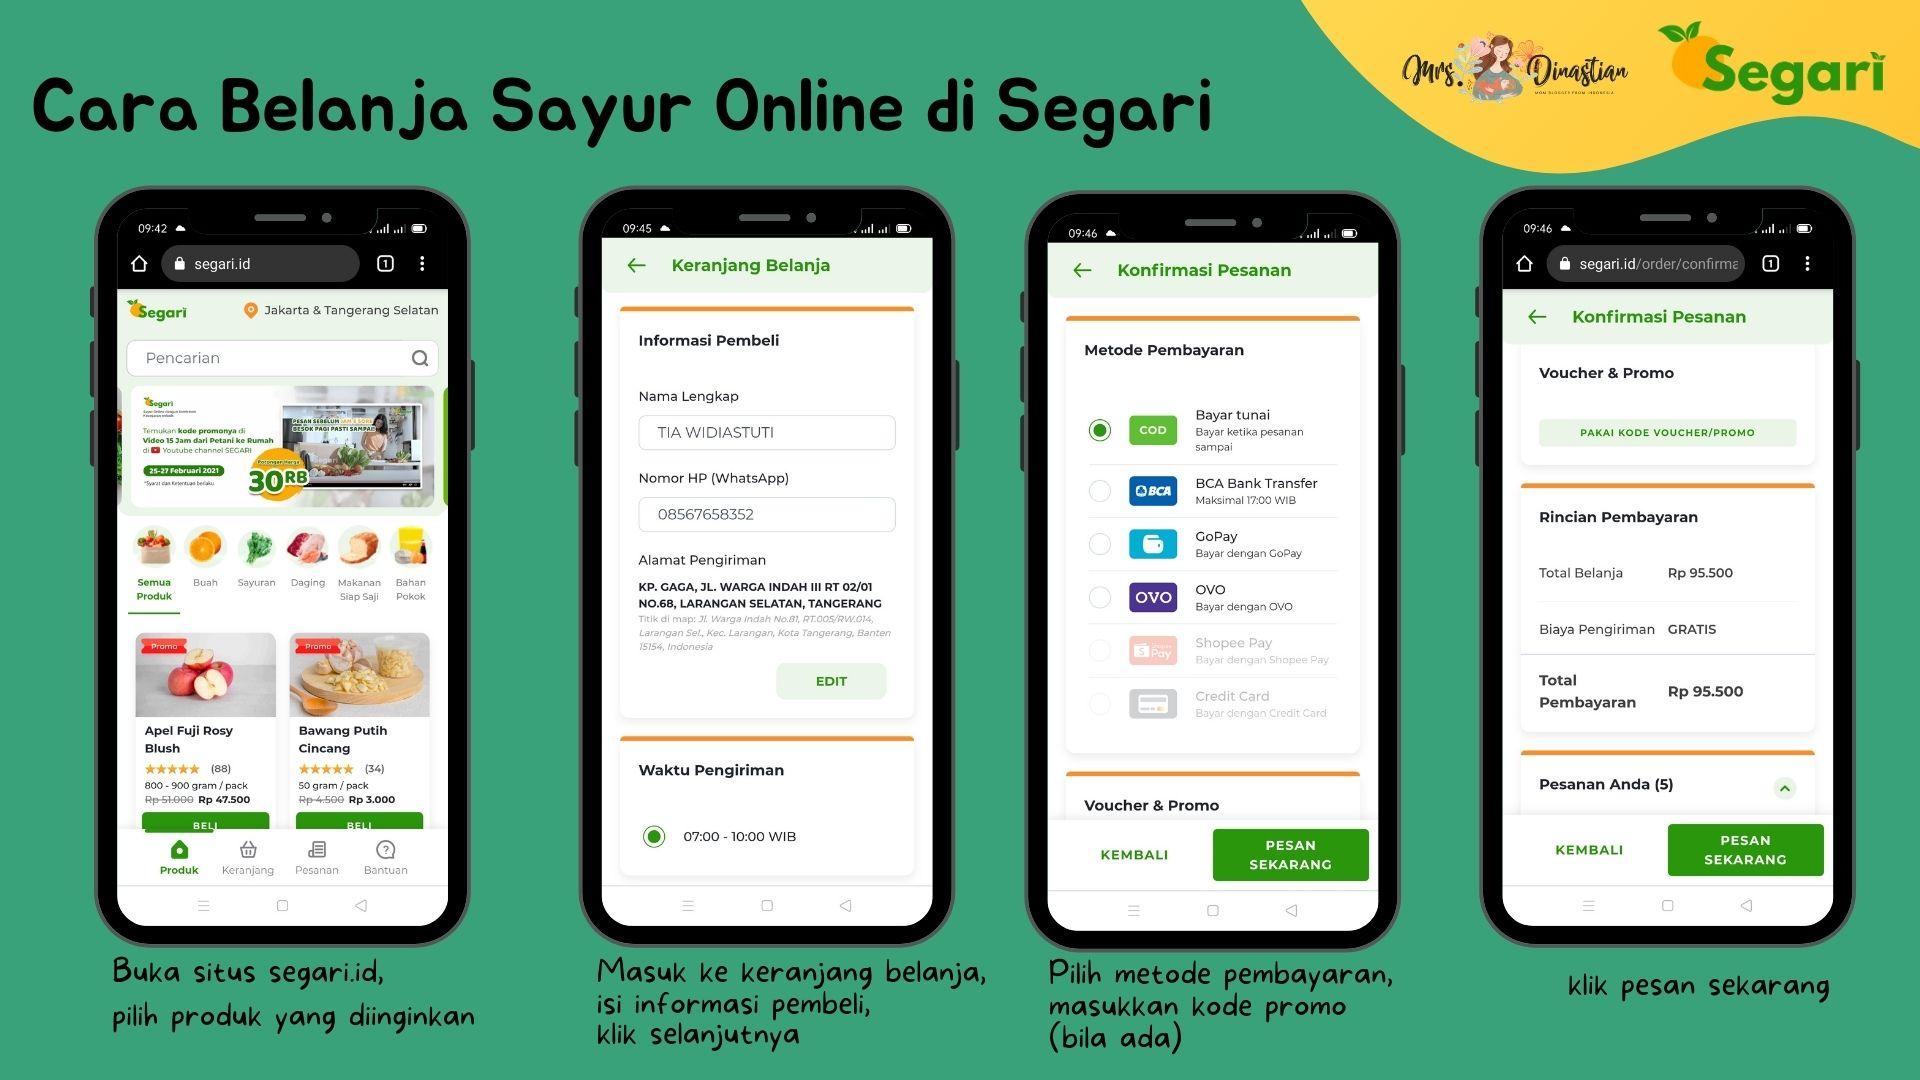 Cara Belanja Sayur di Segari.id